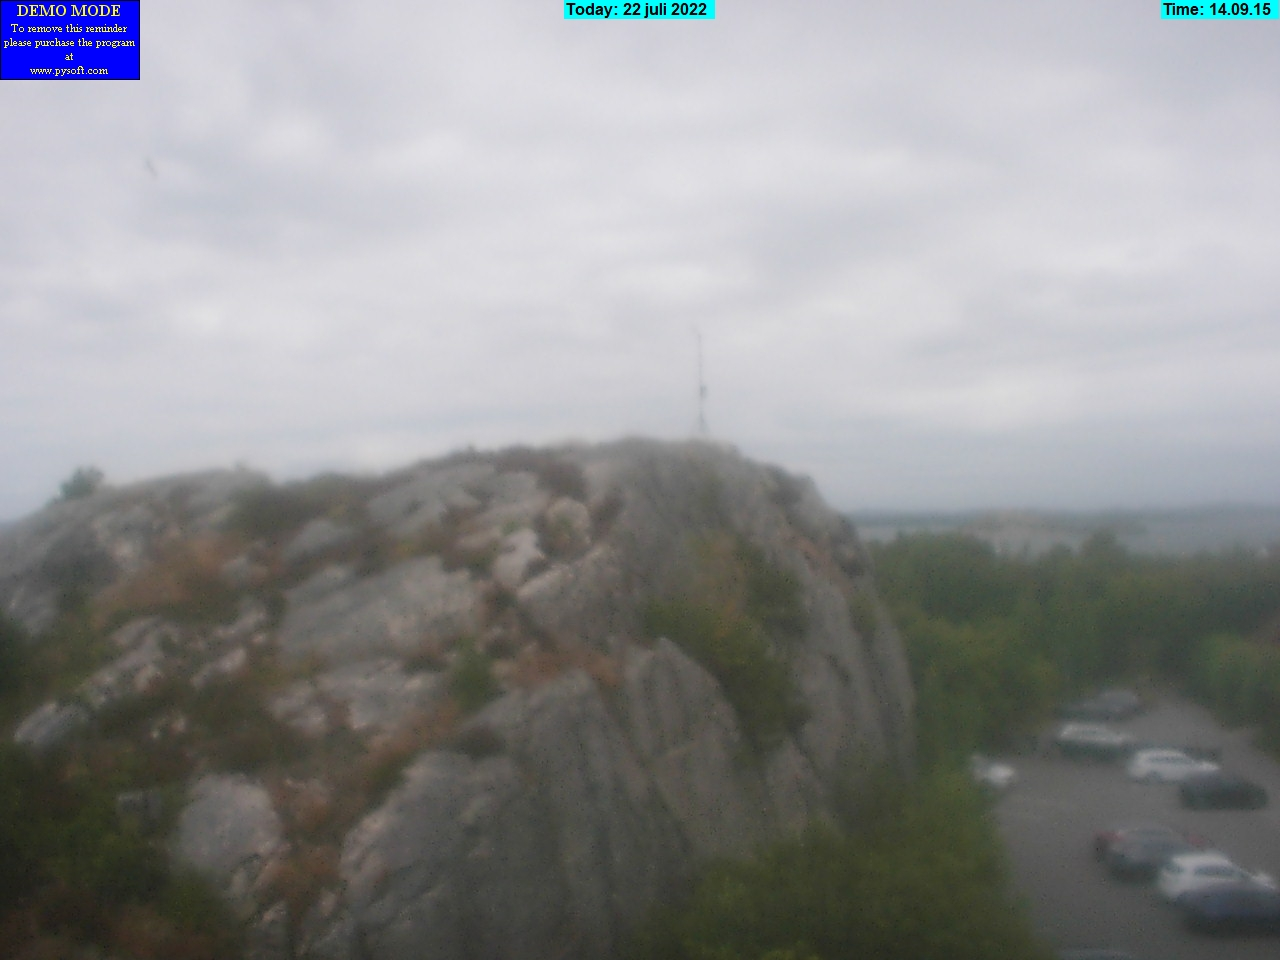 Kristiansand - Paulen on Flekkerøy